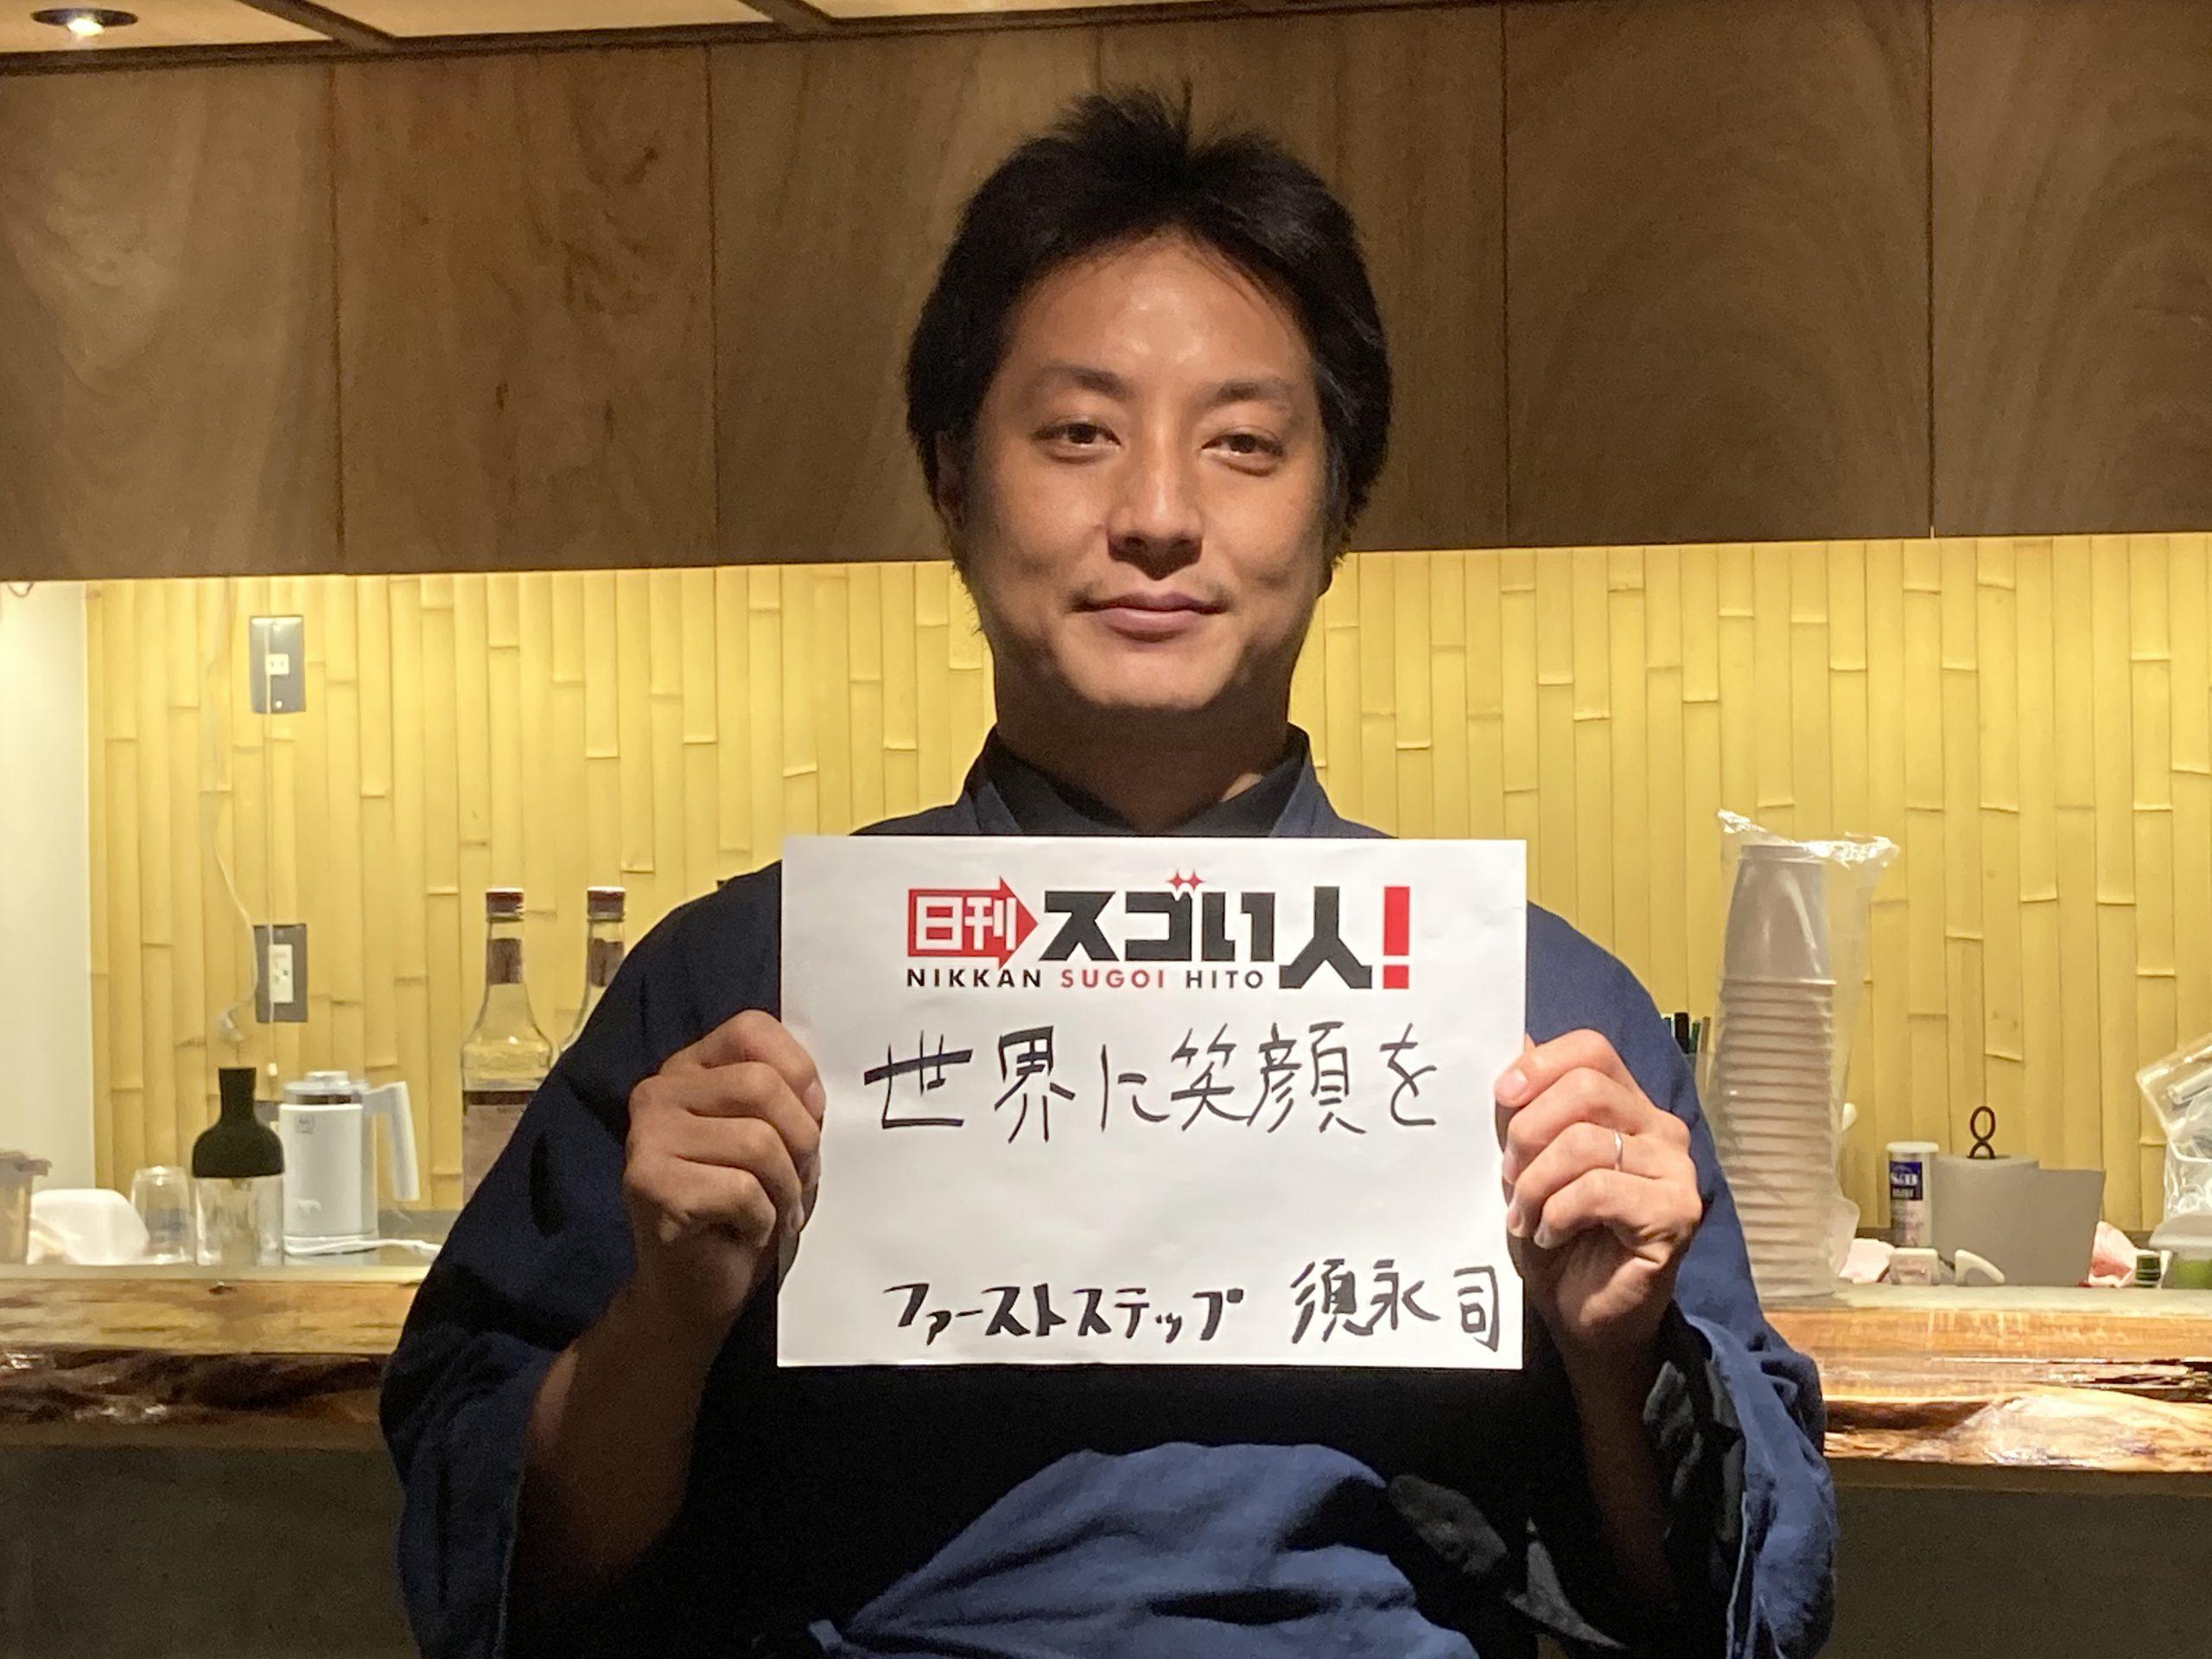 京都の抹茶で斬新なメニュー開発をして世界へ「和」カフェを発信するスゴい人!